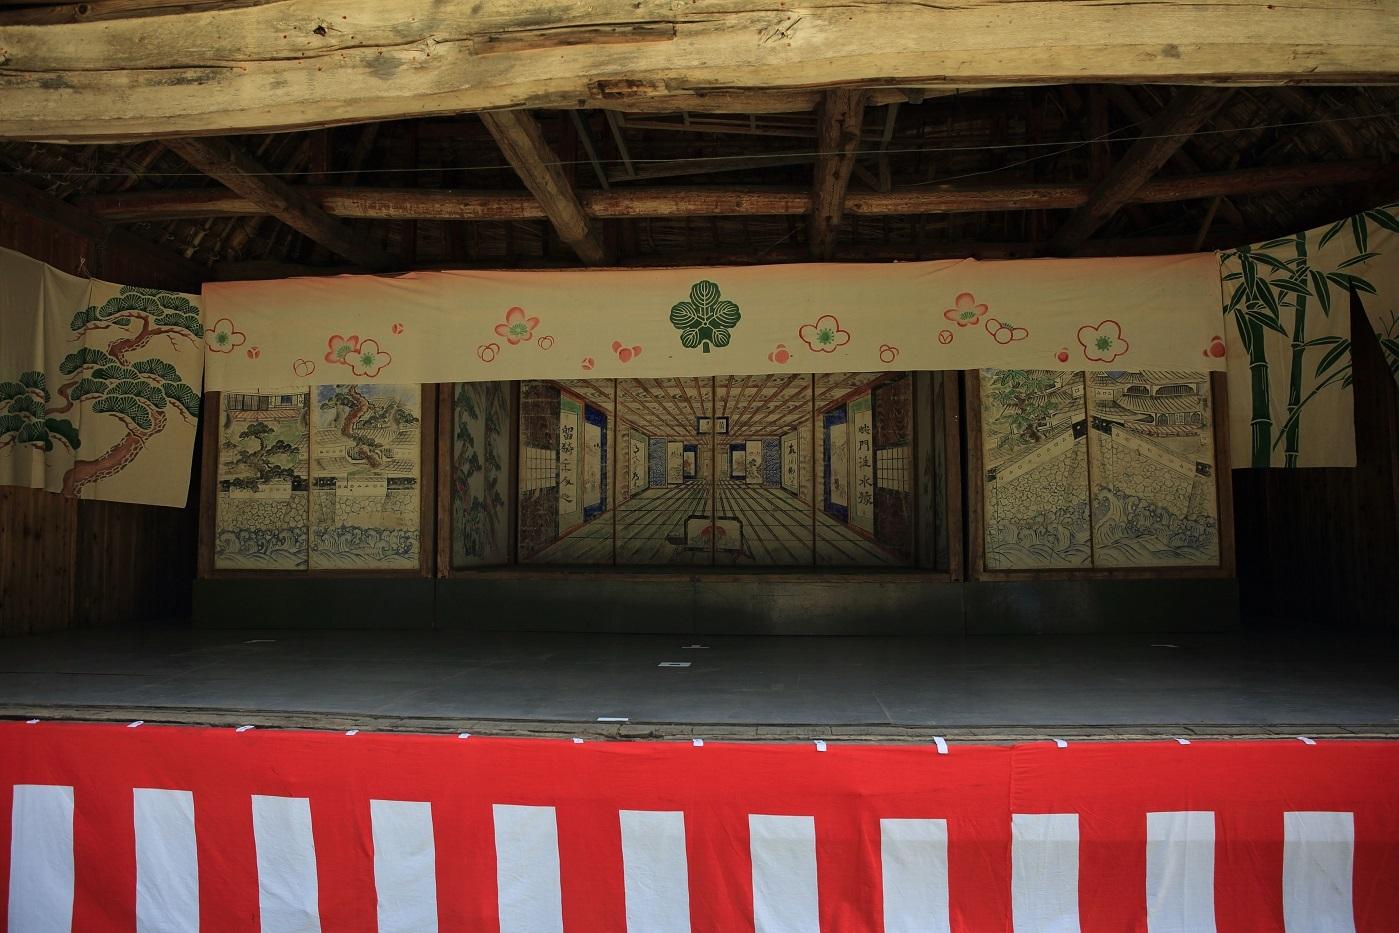 村の諏訪神社の獅子舞の奉納舞台 ブログ用.jpg